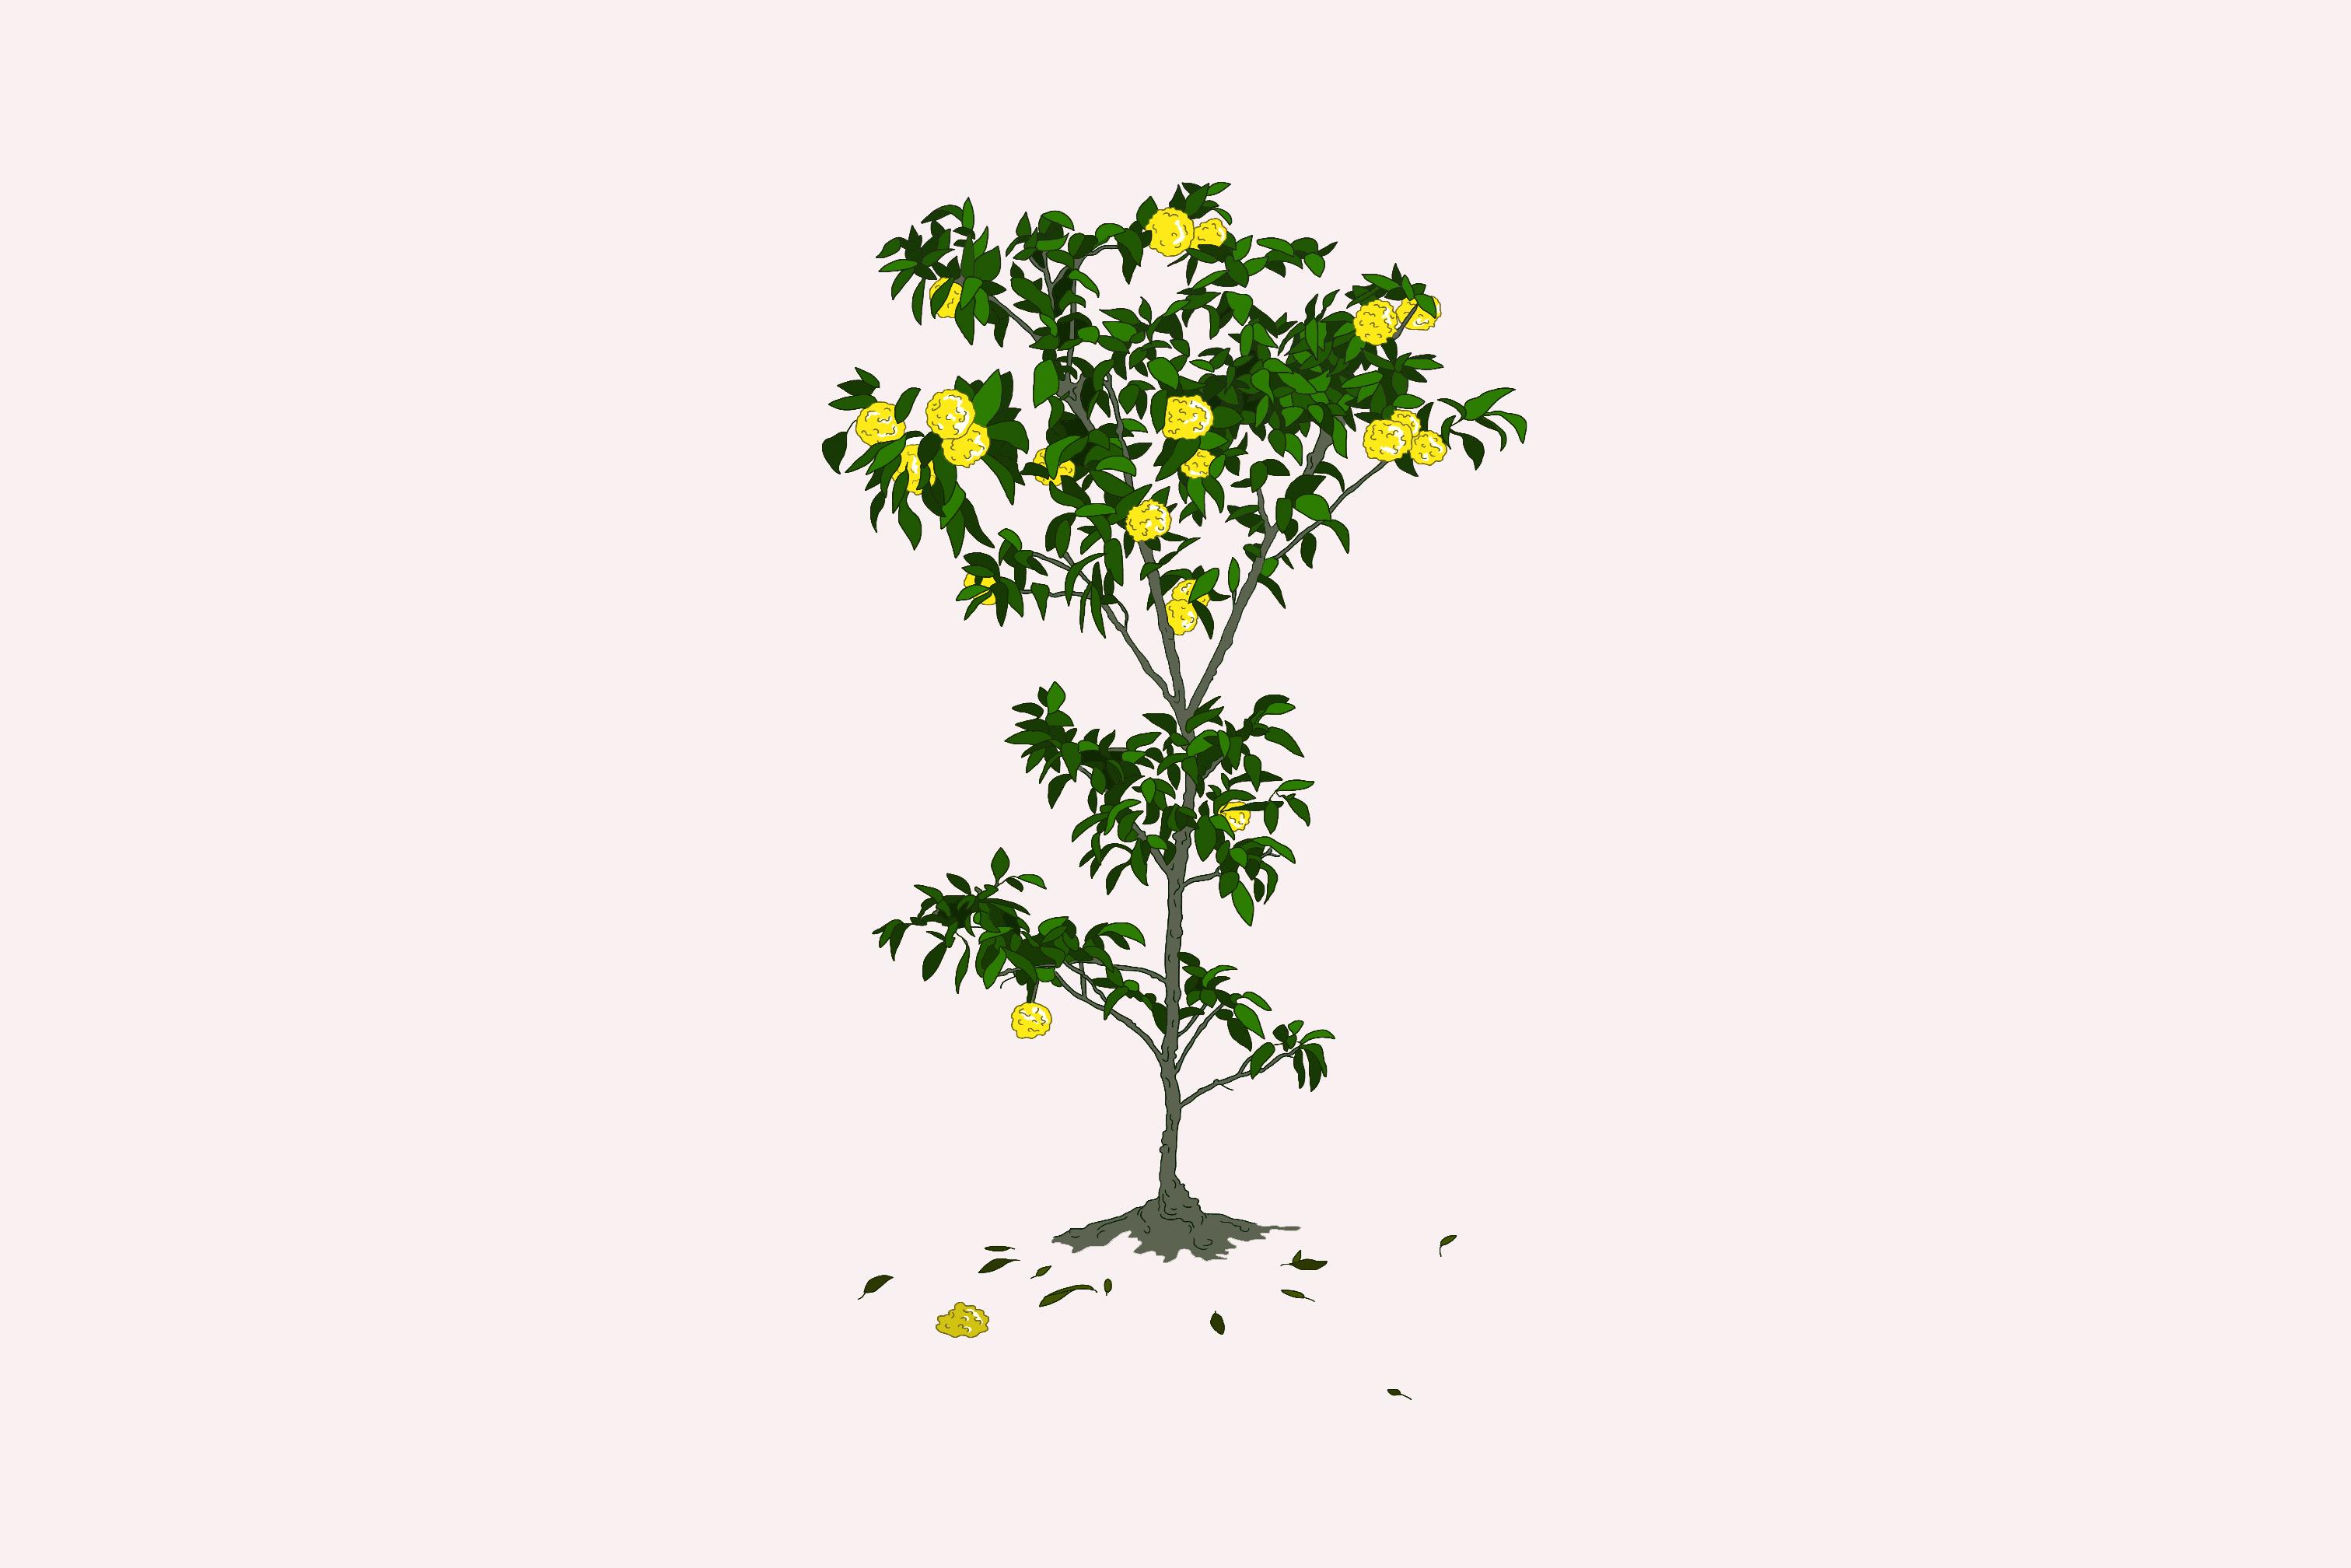 arbre-yuzu-1454864906.jpg